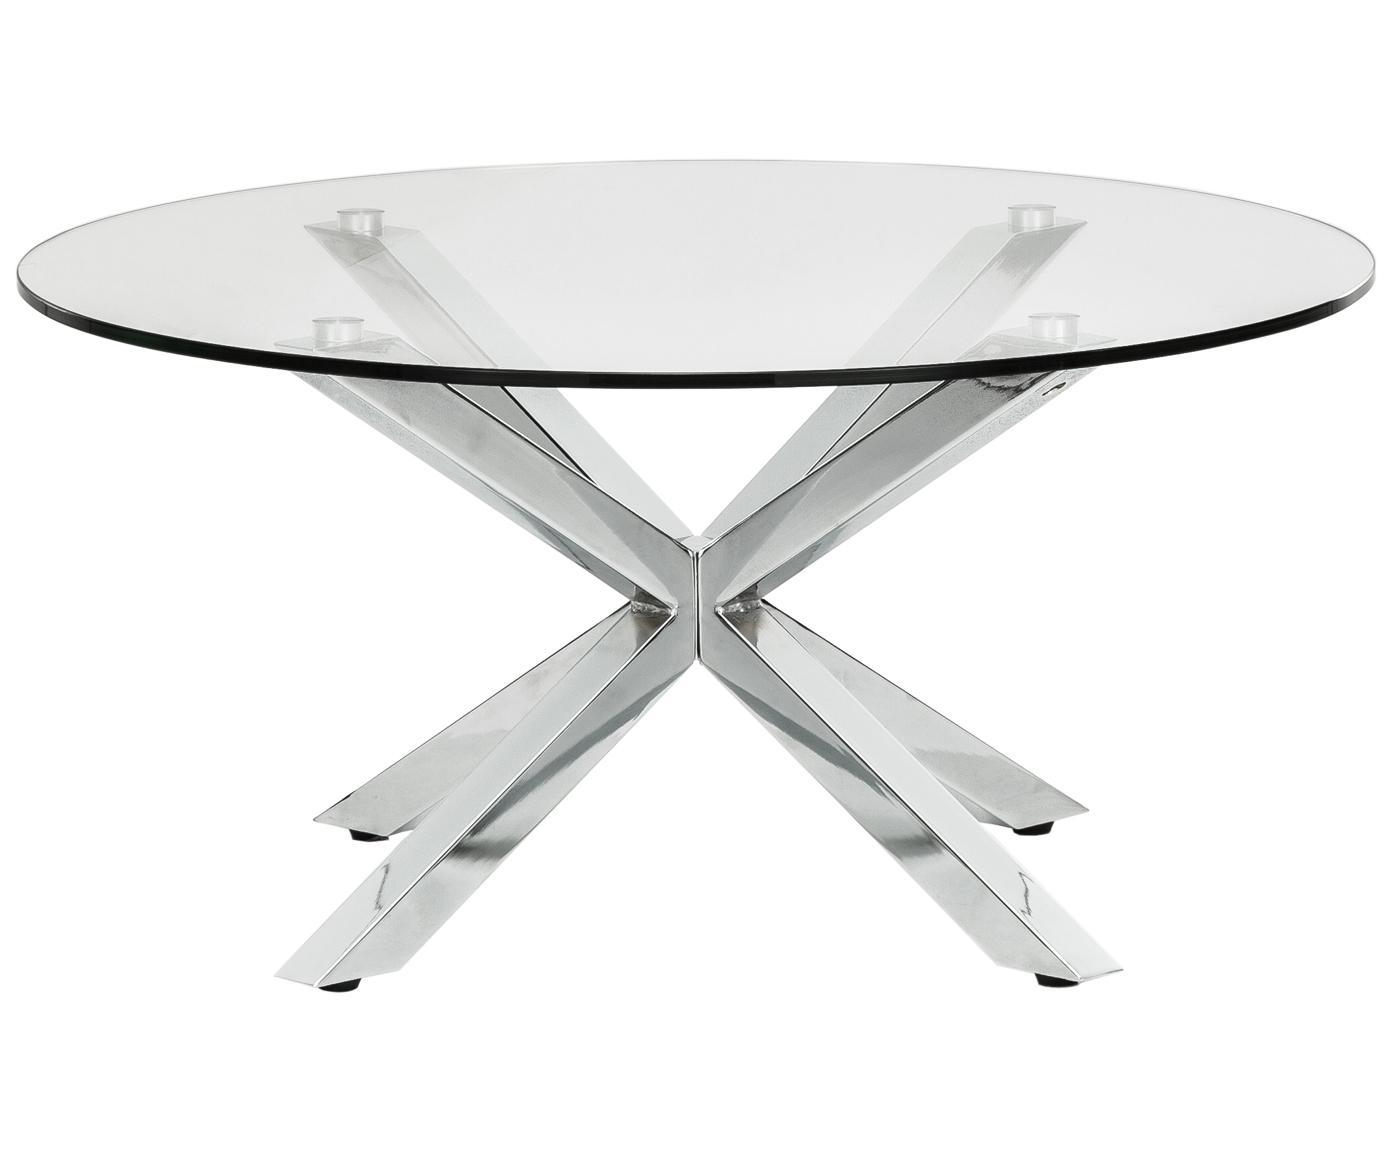 Metall-Couchtisch Emilie mit Glasplatte, Tischplatte: Sicherheitsglas, Transparent, Chrom, Ø 82 x H 40 cm